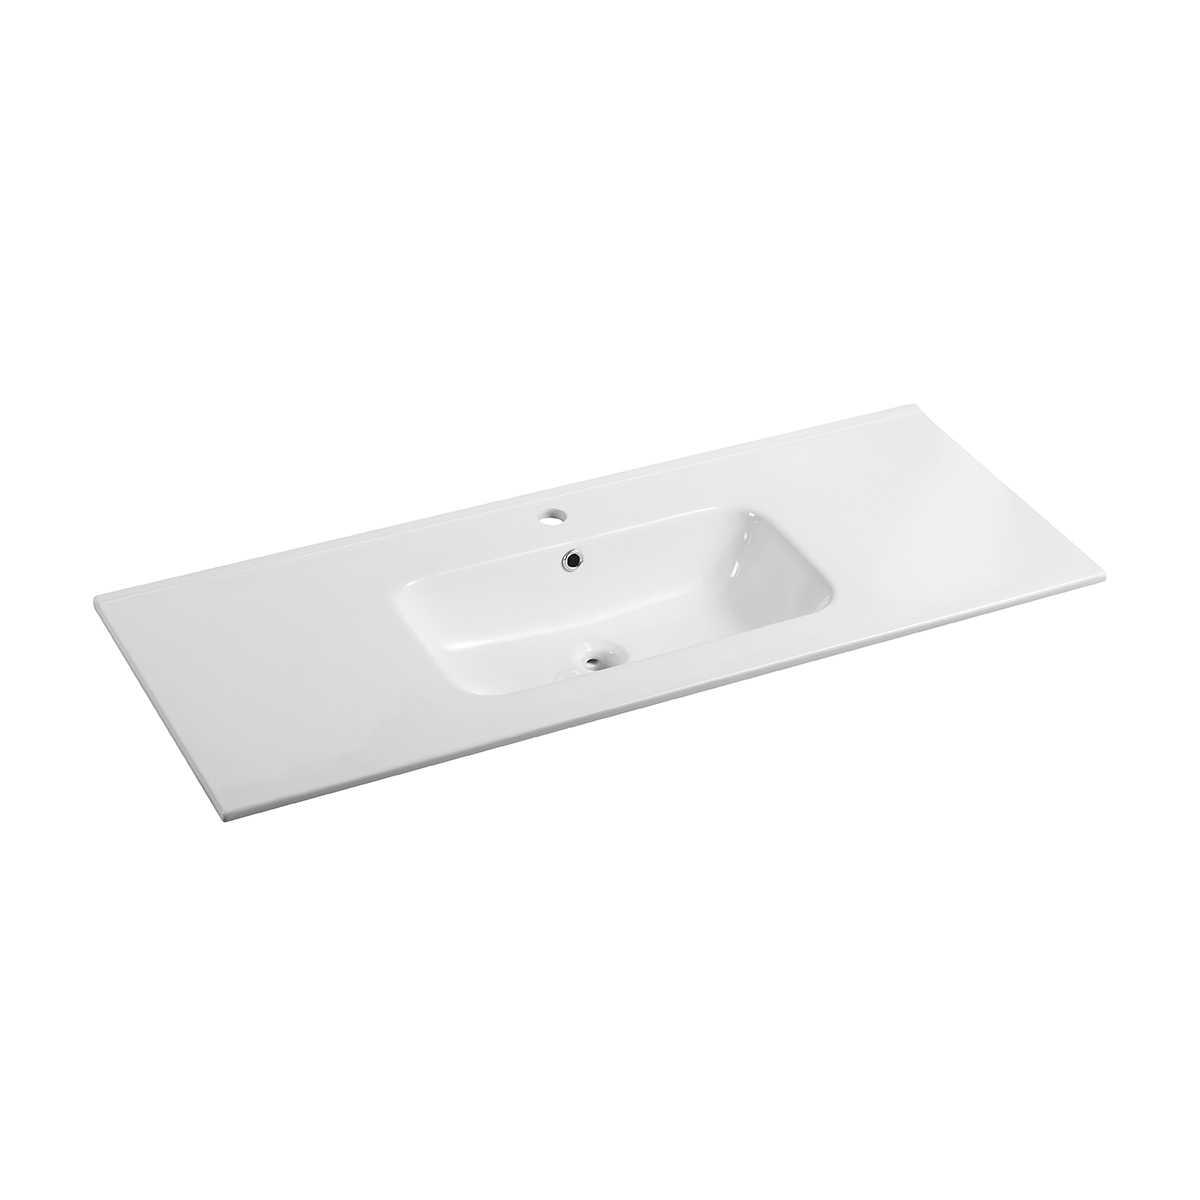 Lavabo integrato in ceramica Ponsi serie Moon bianco lucido L 100 cm Foto1